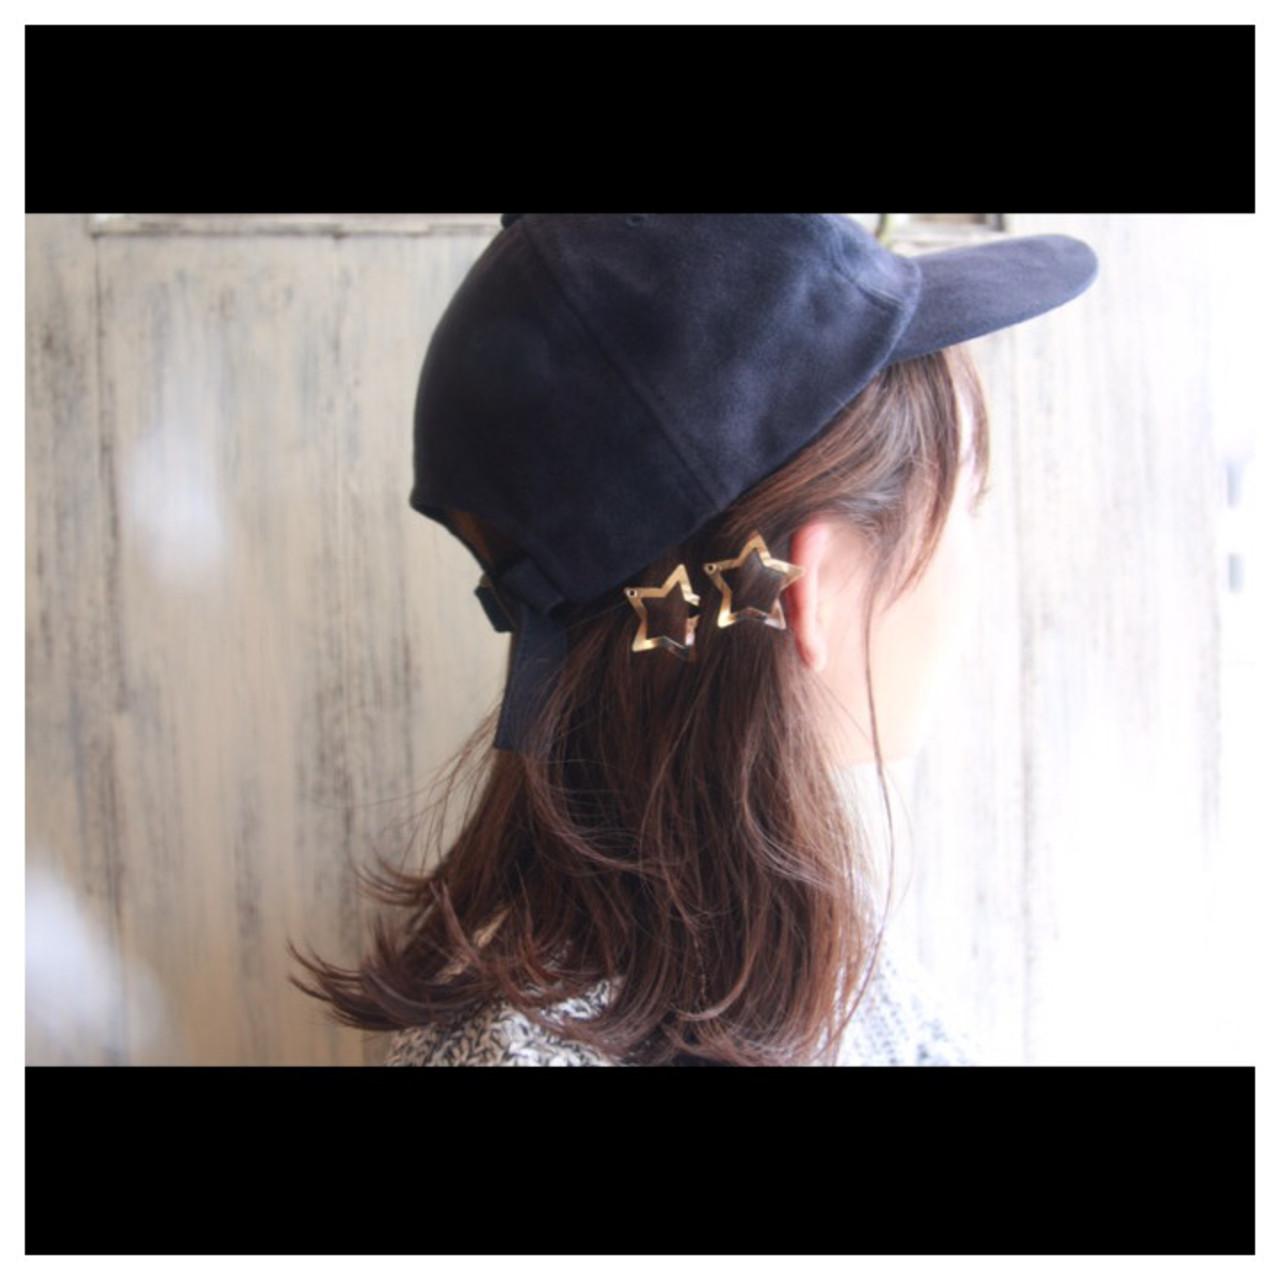 キャップ ワンレングス 切りっぱなし 外ハネ ヘアスタイルや髪型の写真・画像 | 松谷 聖史 /  estrela